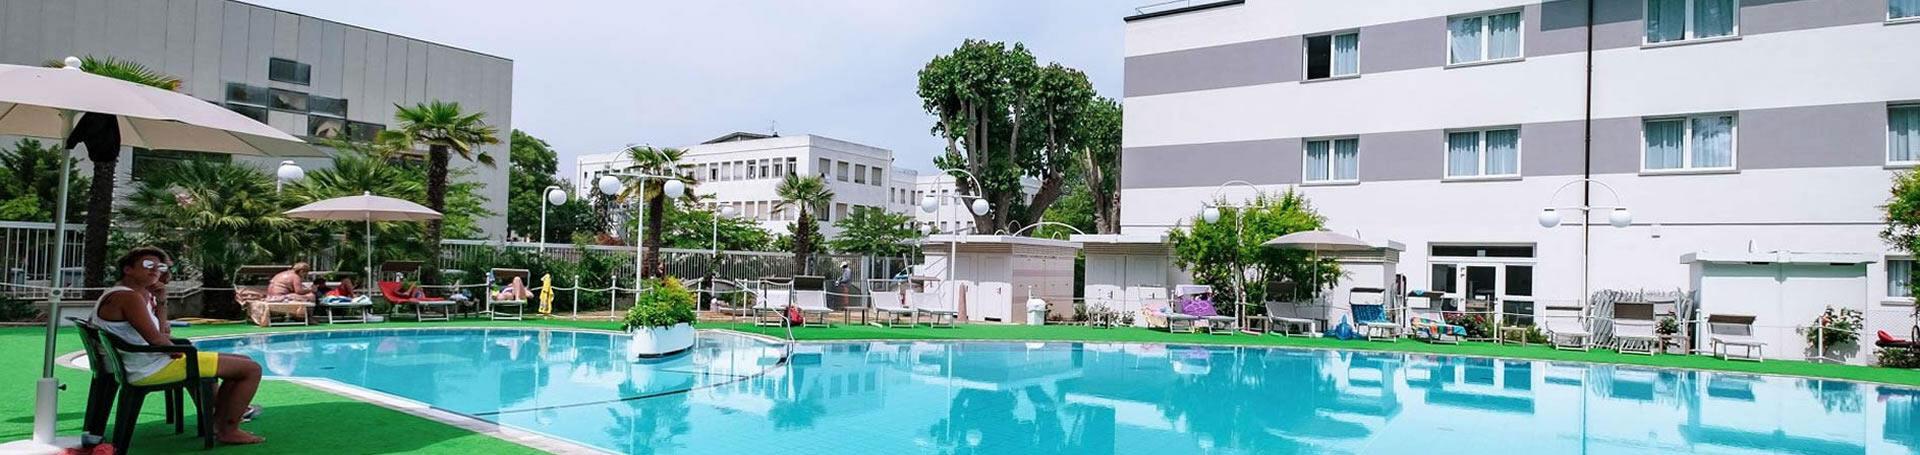 greenvillagecesenatico fr hotel-avec-piscine-cesenatico 011